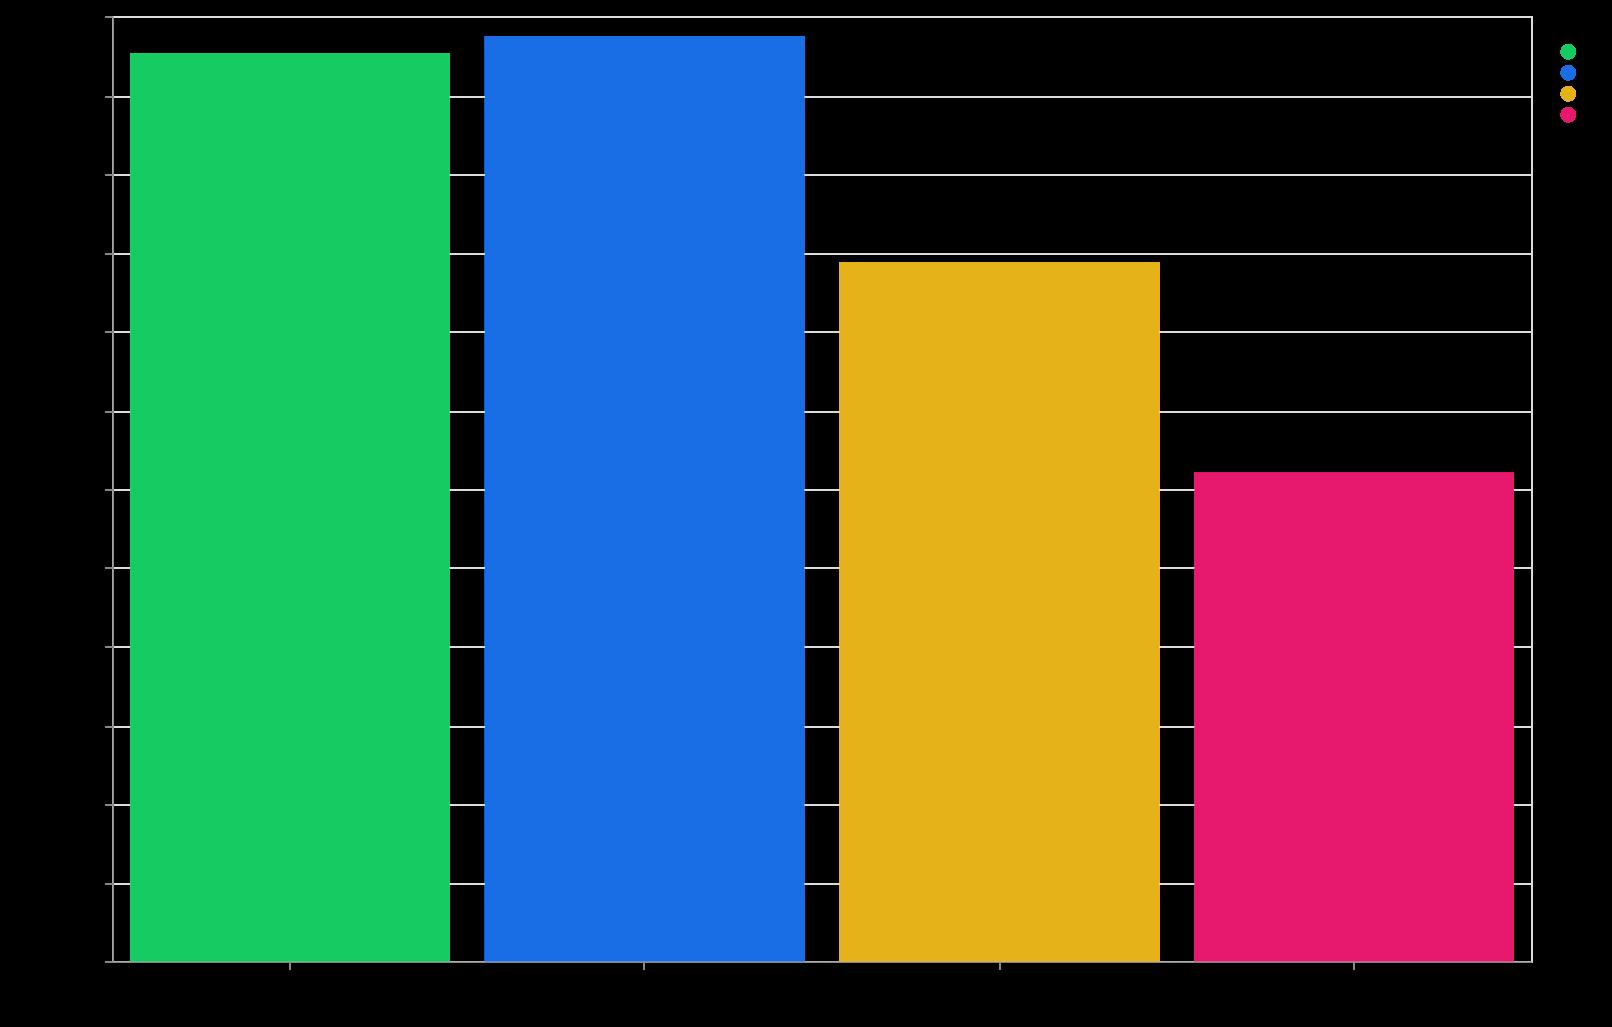 平均通信速度 (視聴毎平均の月別平均, 5 月は 10 日まで)